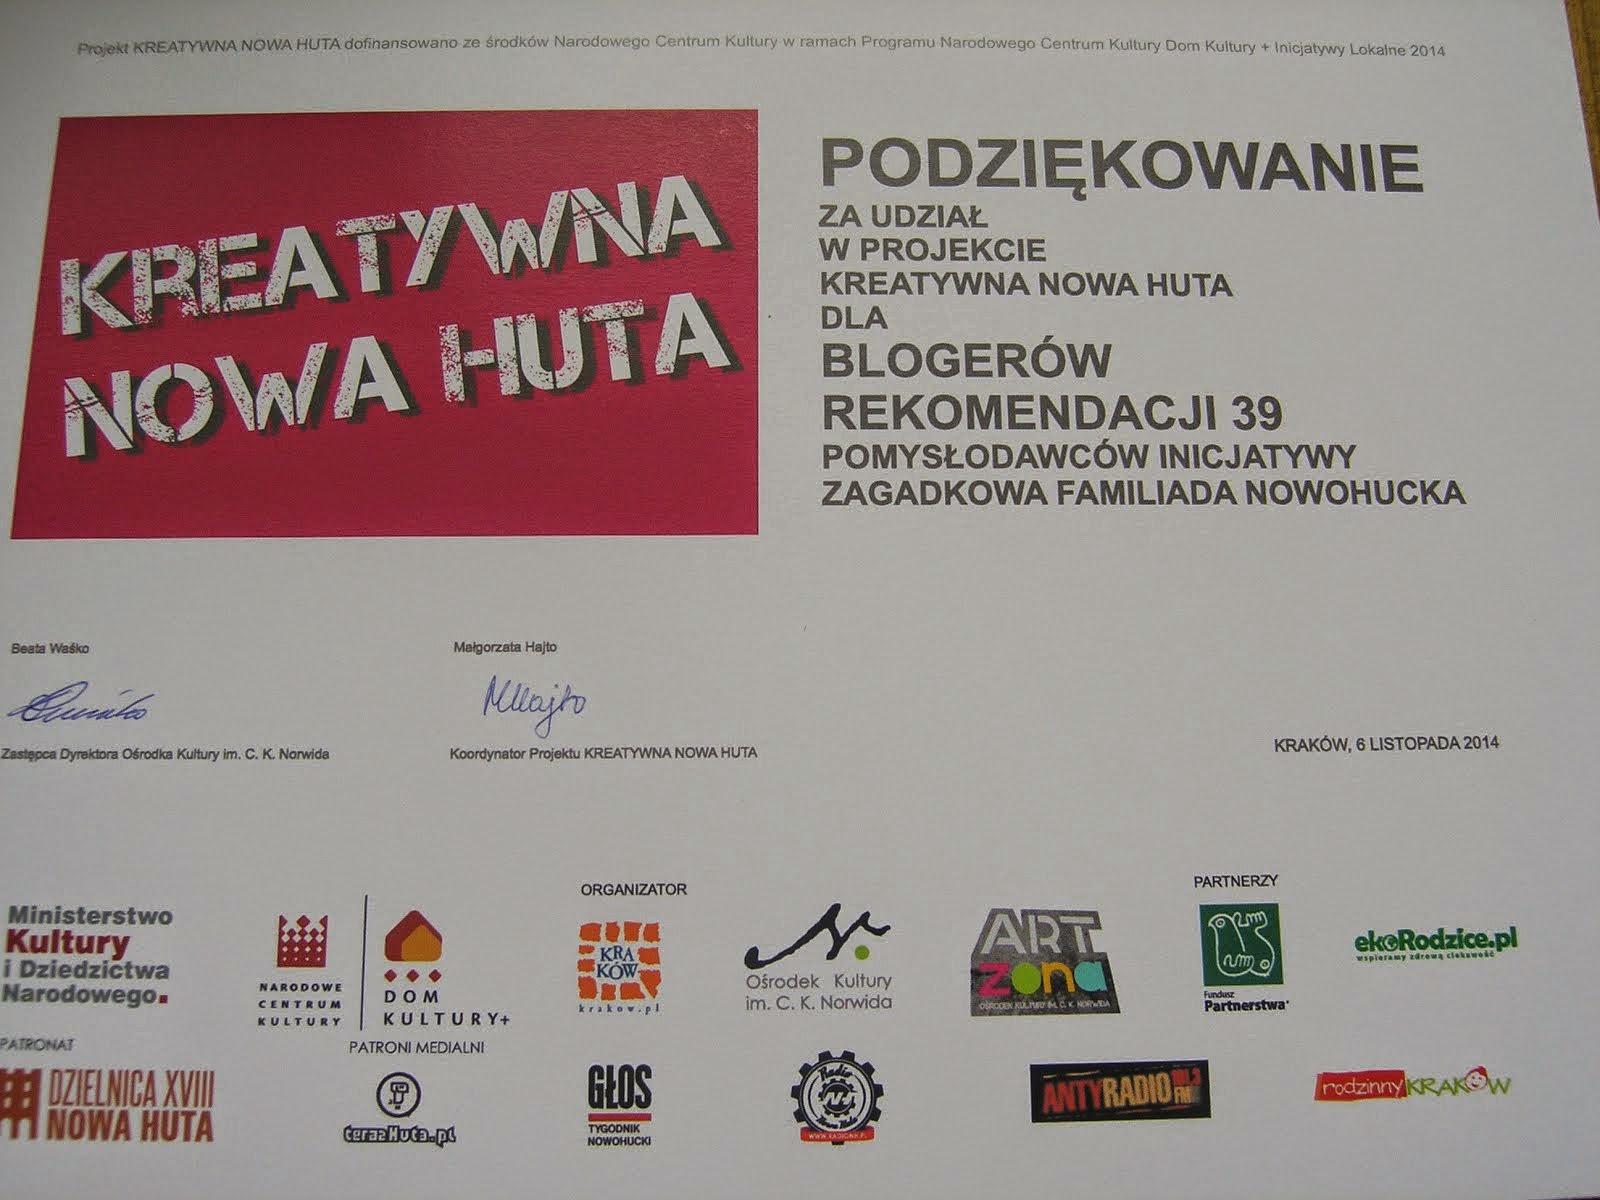 Kreatywna Nowa-Huta